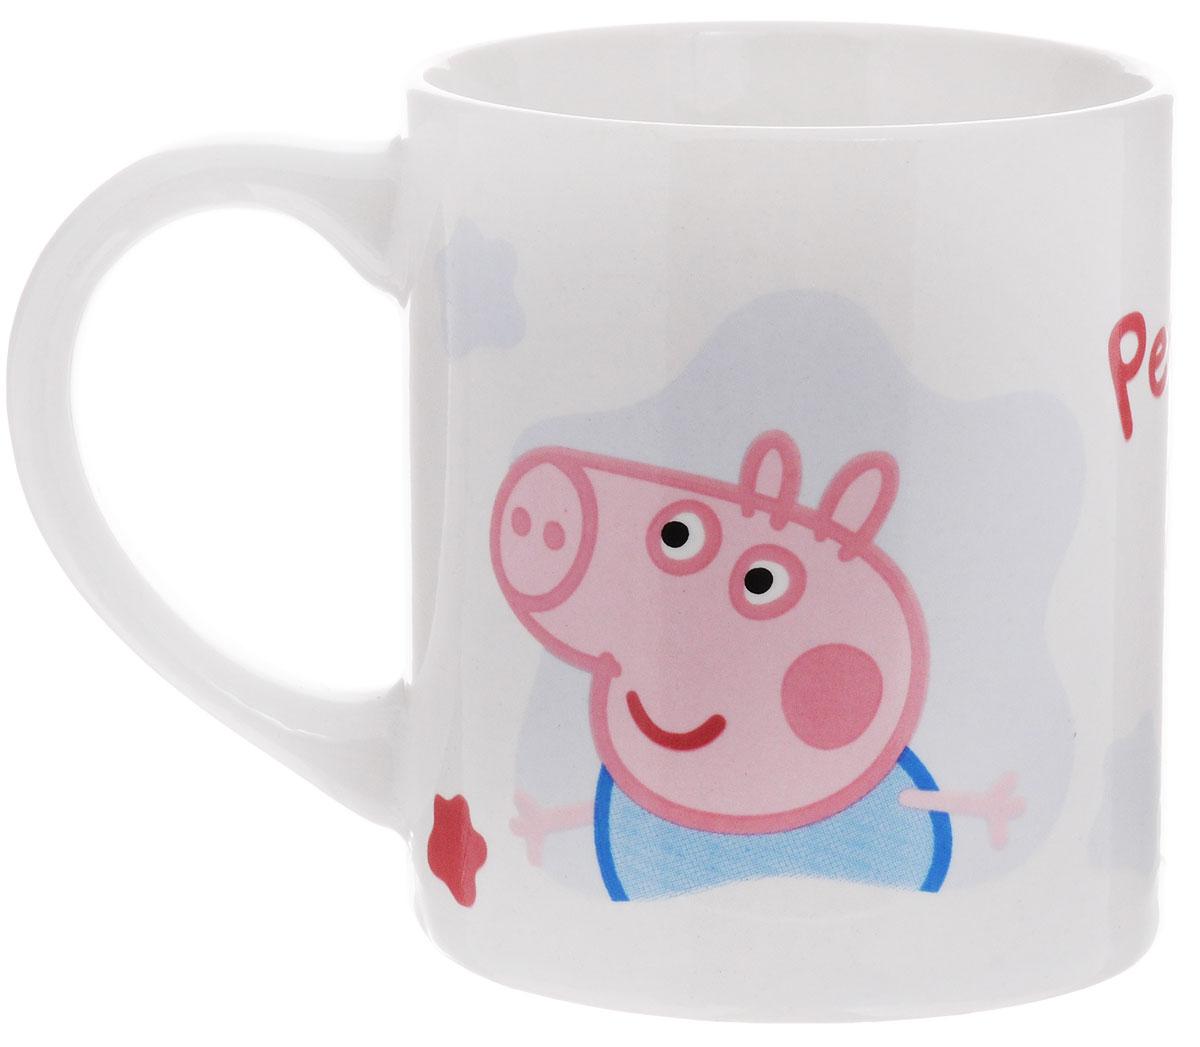 Peppa Pig Кружка детская 210 мл в подарочной упаковке72708